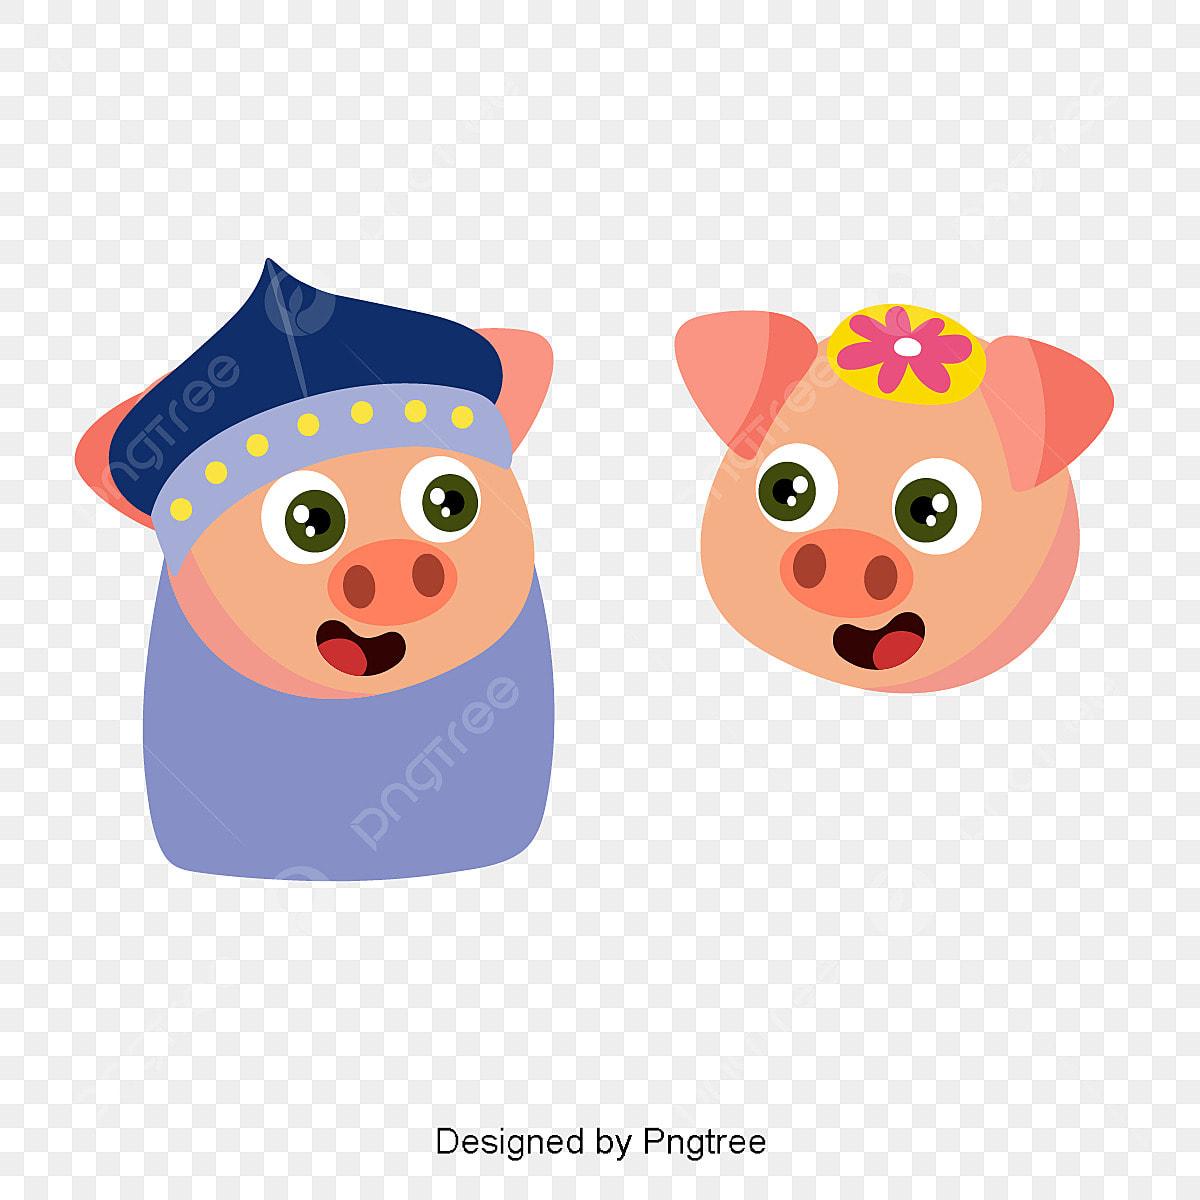 タイヤイラストかわいい豚 豚 ハンサムブタボーイ 漫画豚画像素材の無料